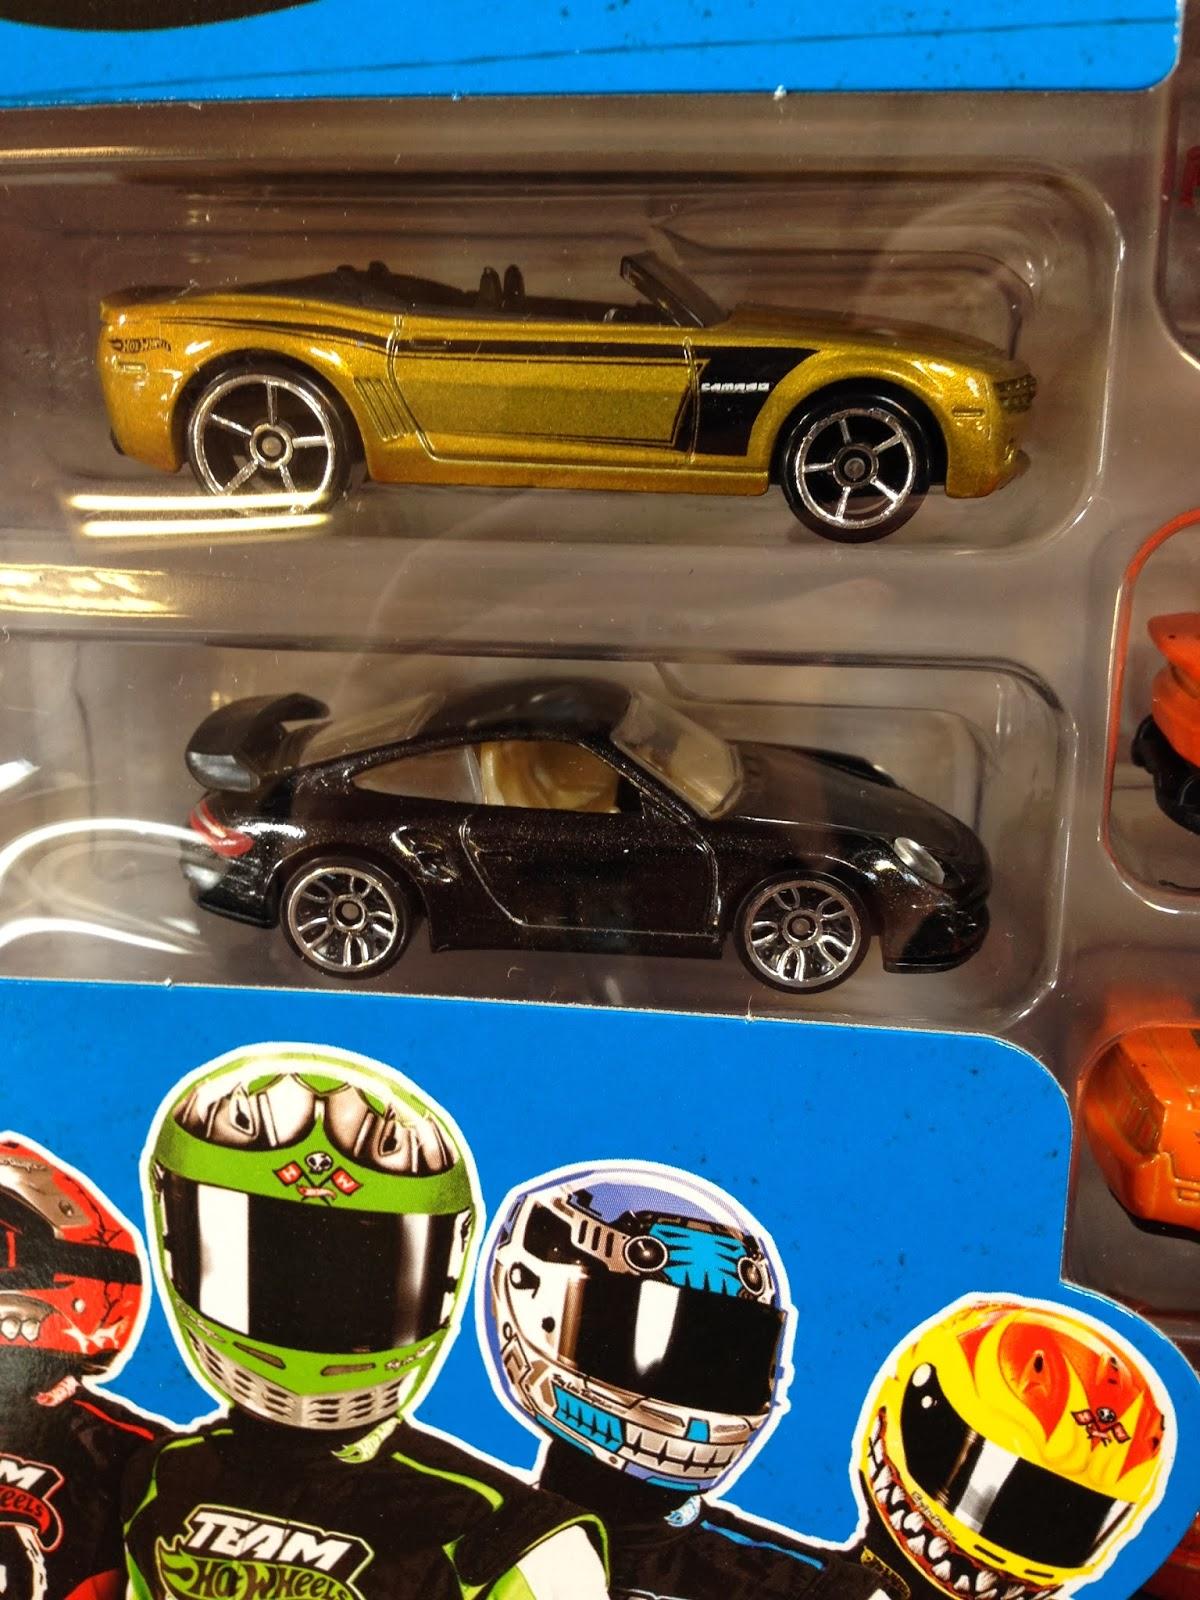 87a3f-img_4393 Outstanding Porsche 911 Gt2 Hot Wheels Cars Trend